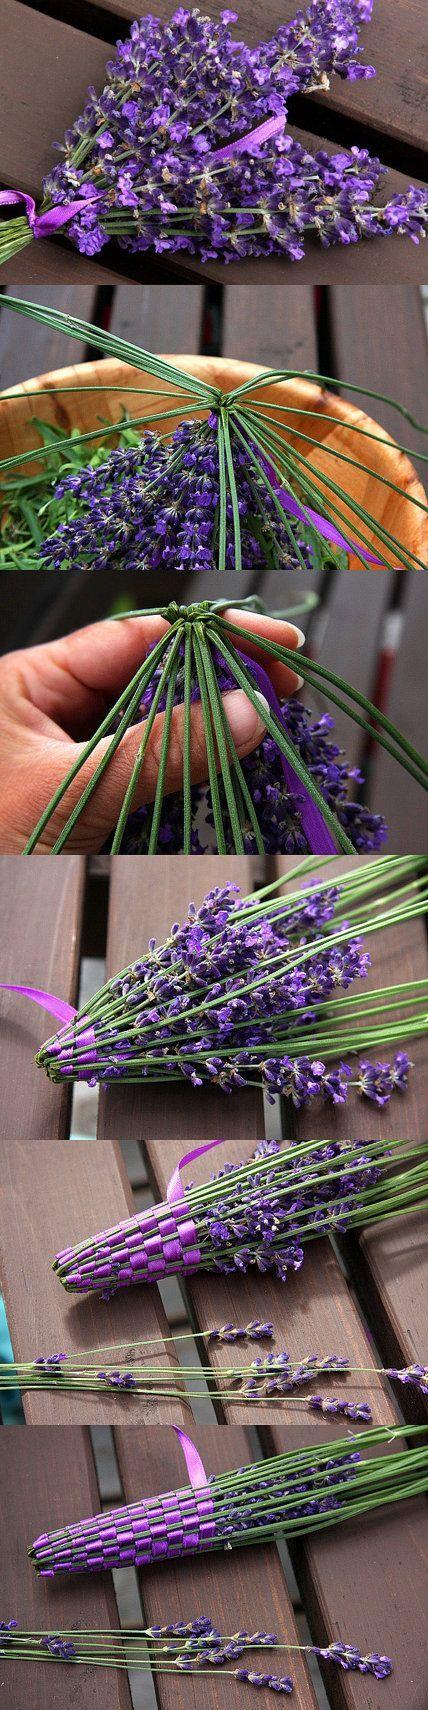 Bio-Lavendel-Wand, Lavendel Hochzeit werfen Alternative, Einmaliges Geschenk für Braut Lavendel getrocknet Blumen Hochzeit Geschenk Hochzeit wand